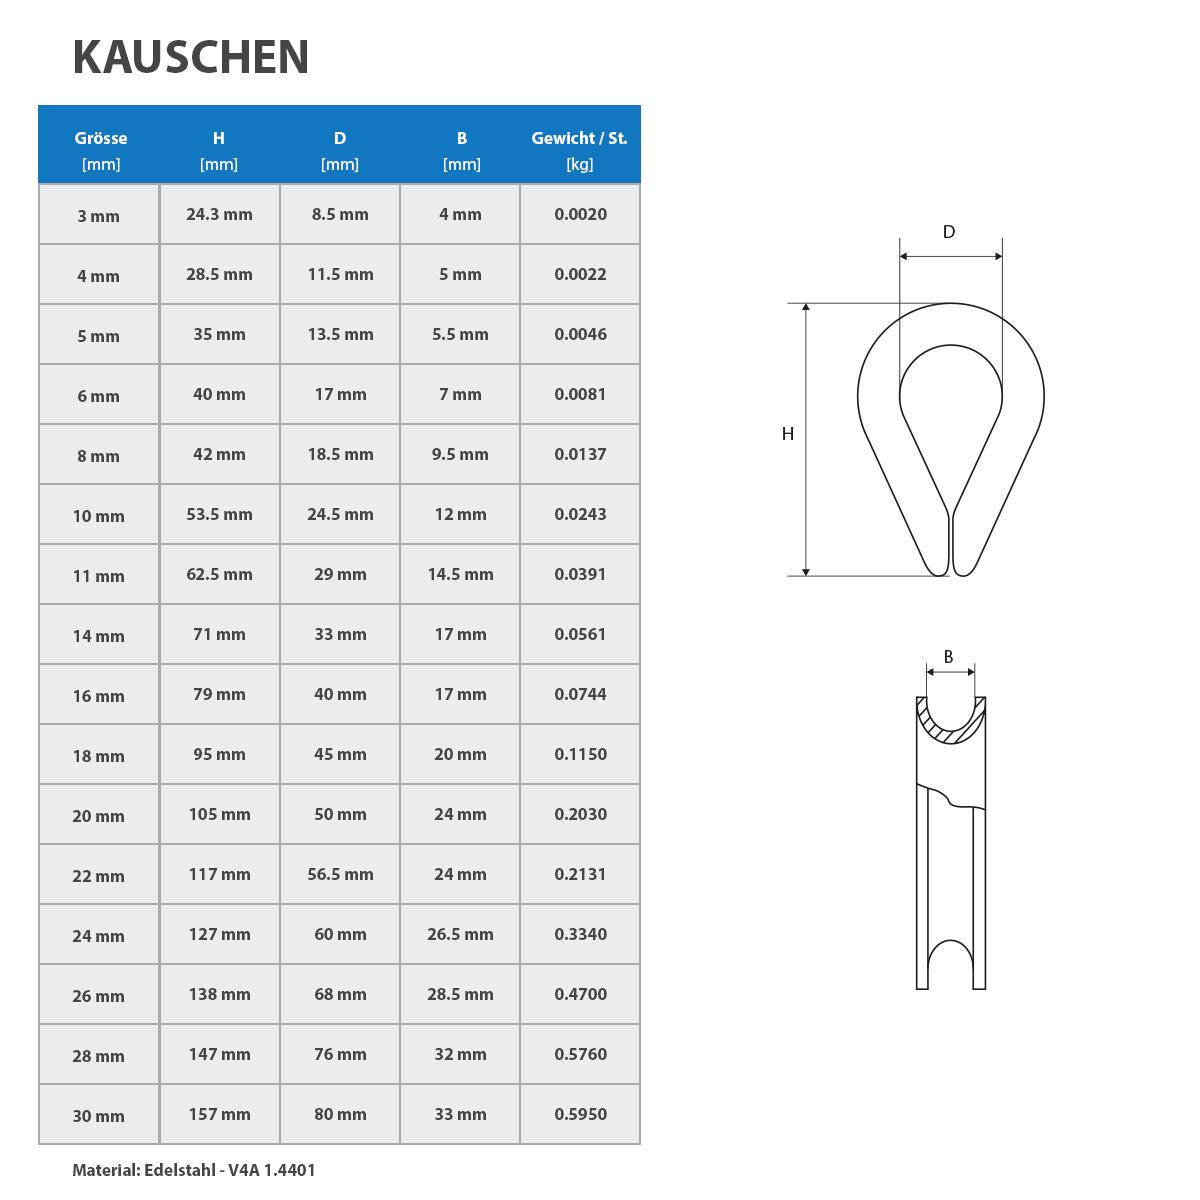 technische-tabelle-kauschen-edelstahl